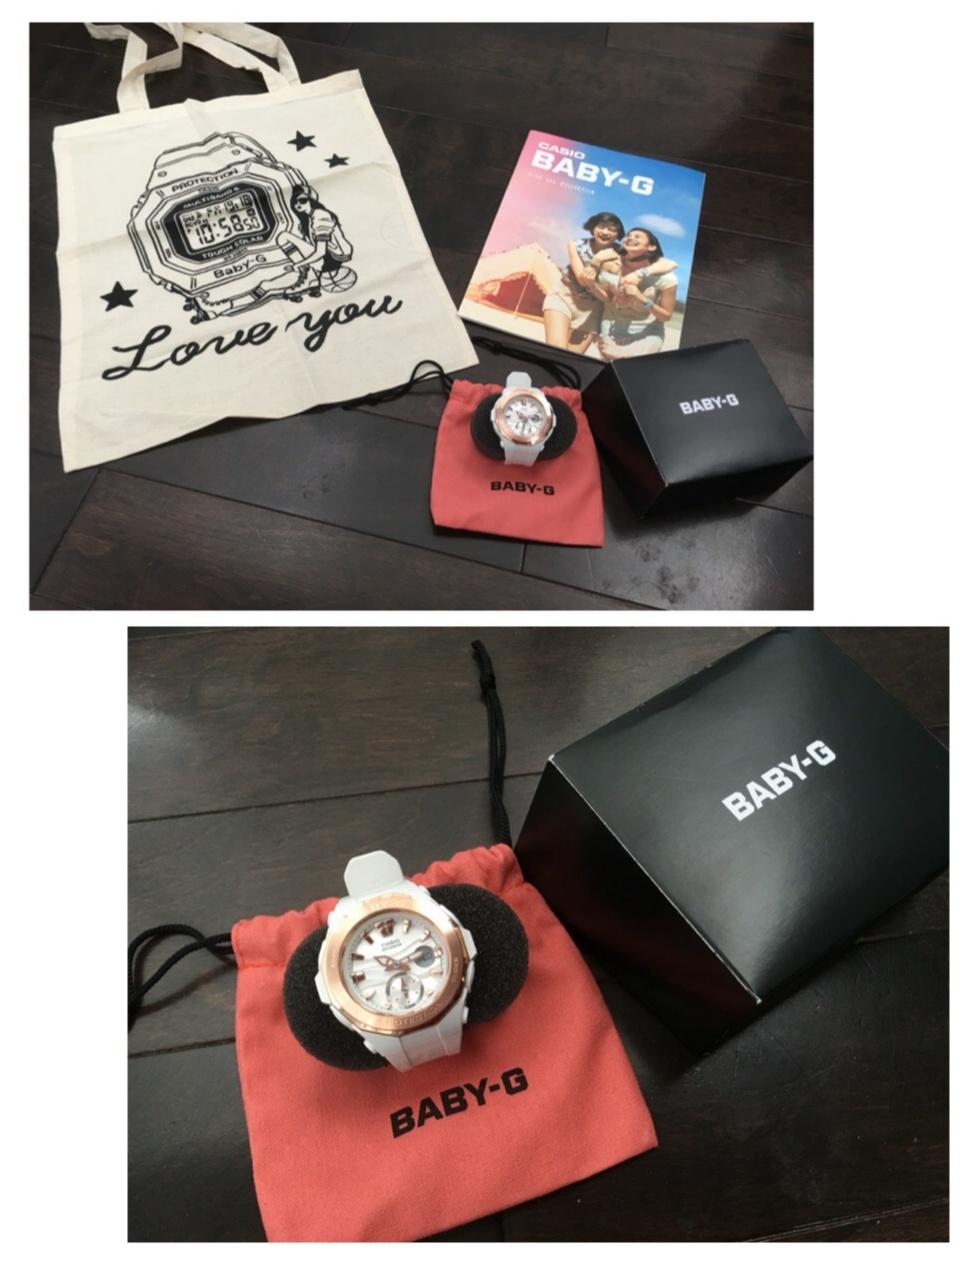 ♡ビーチファッションに合う【新作BABY-G腕時計】オシャレ可愛いitem♡モアハピ◡̈のぞみ♡_14